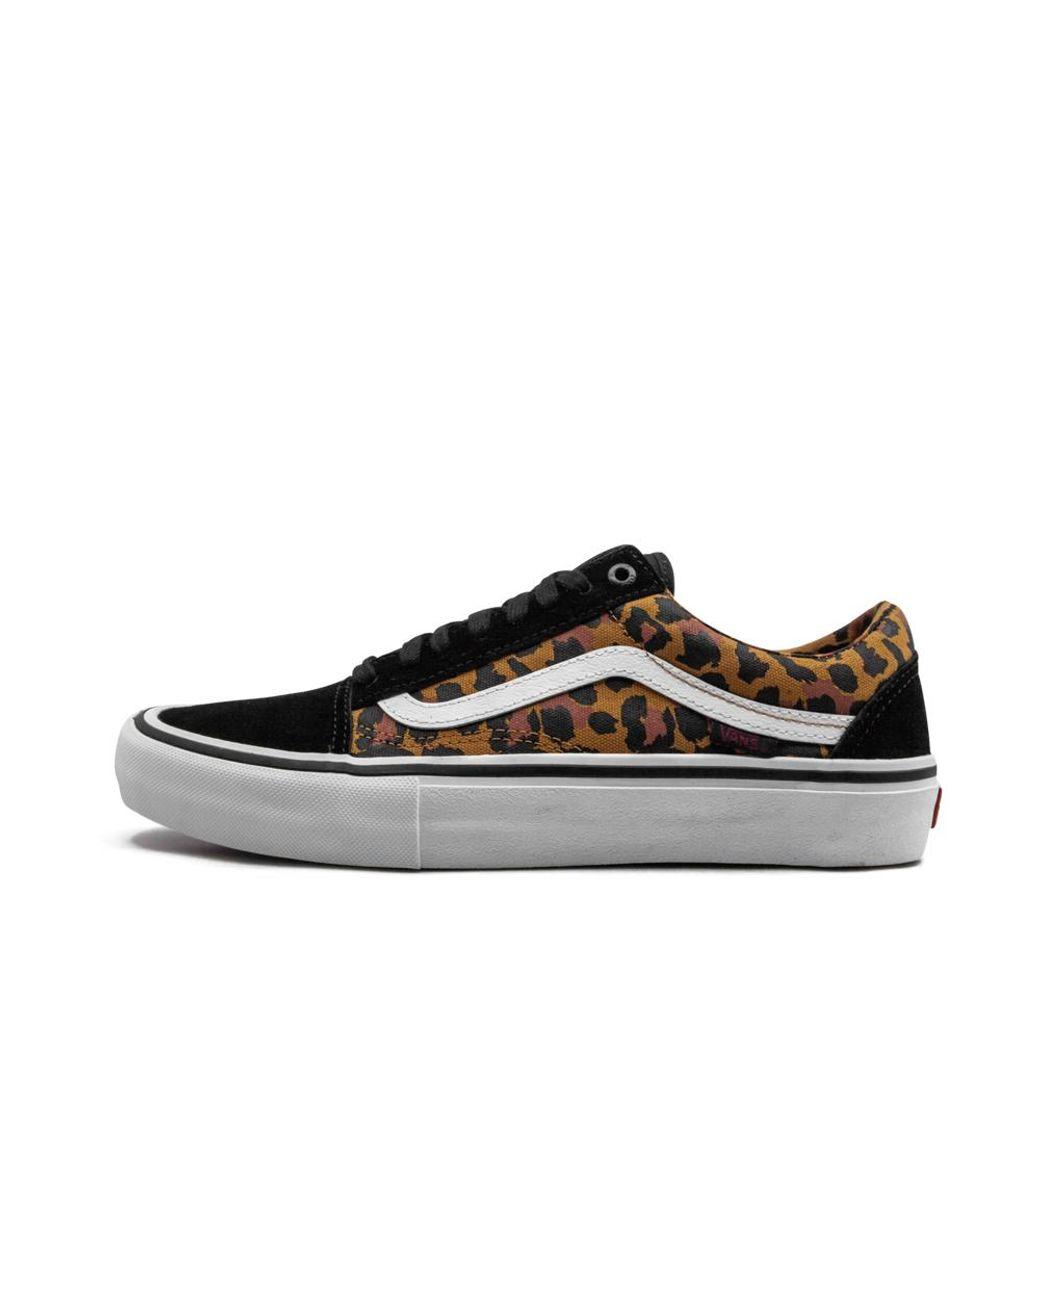 Vans Old Skool Pro 'leopard' Shoes